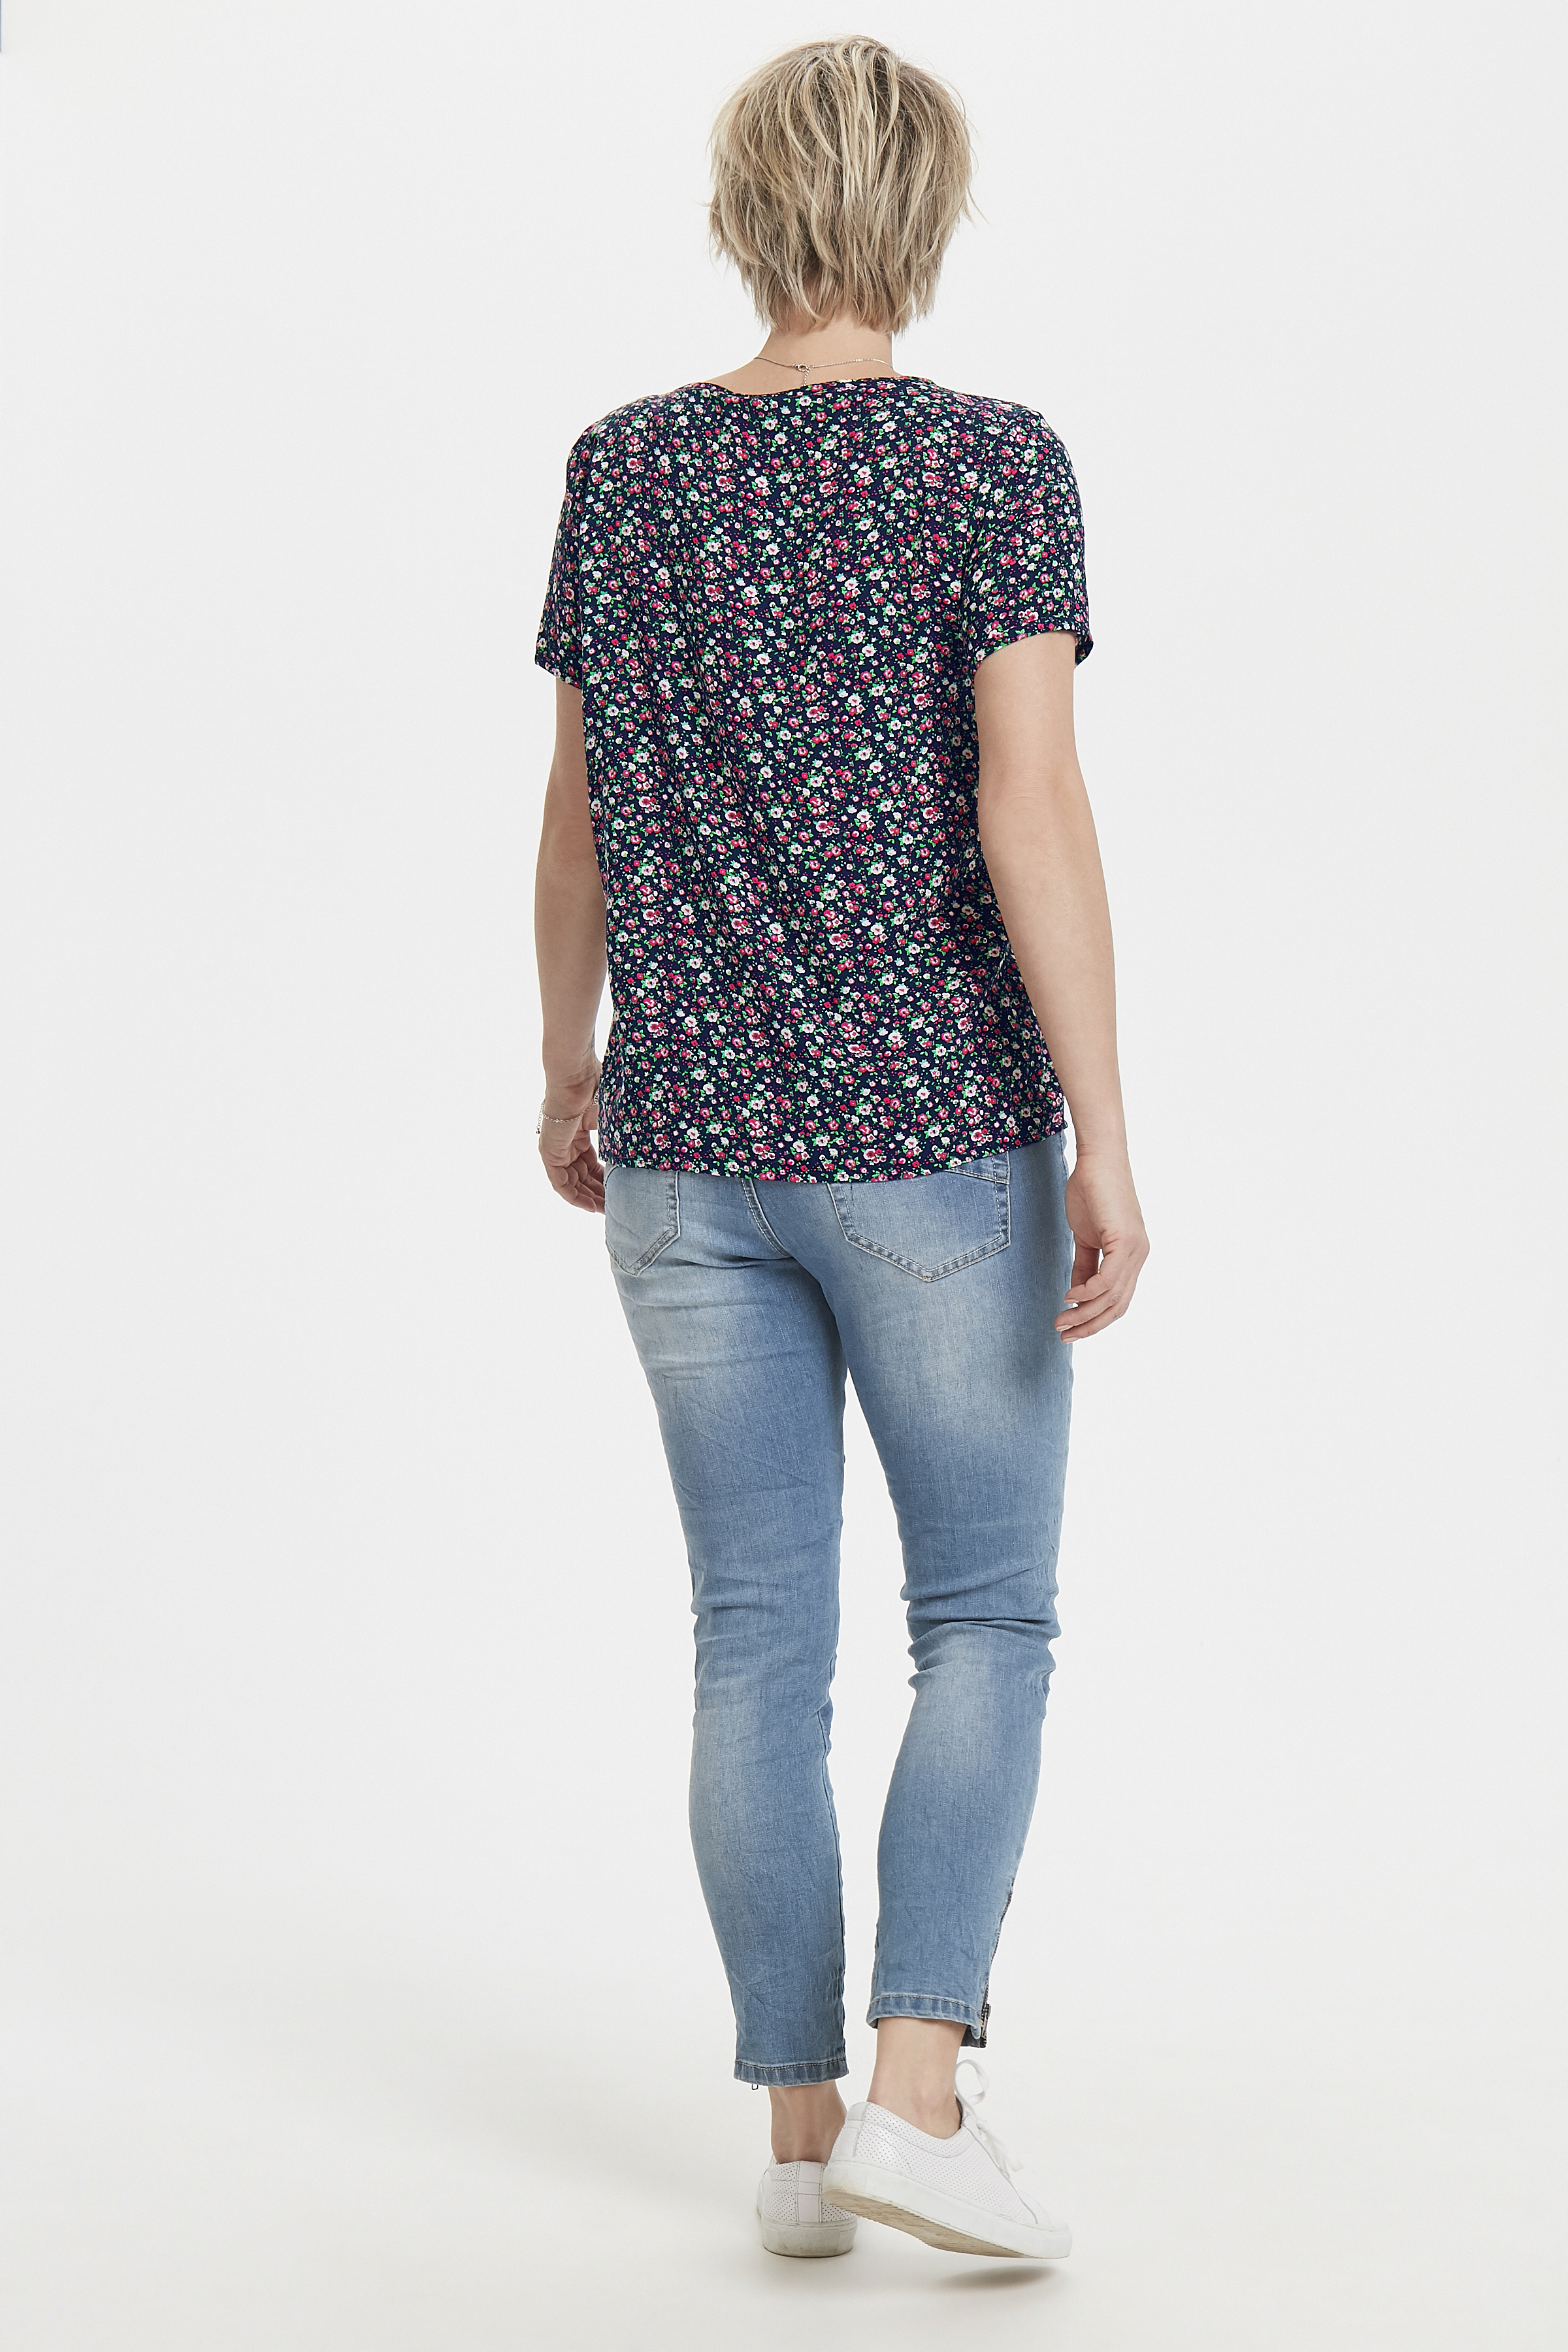 Schwarz/pink Kurzarm-Bluse von Fransa – Shoppen Sie Schwarz/pink Kurzarm-Bluse ab Gr. XS-XXL hier